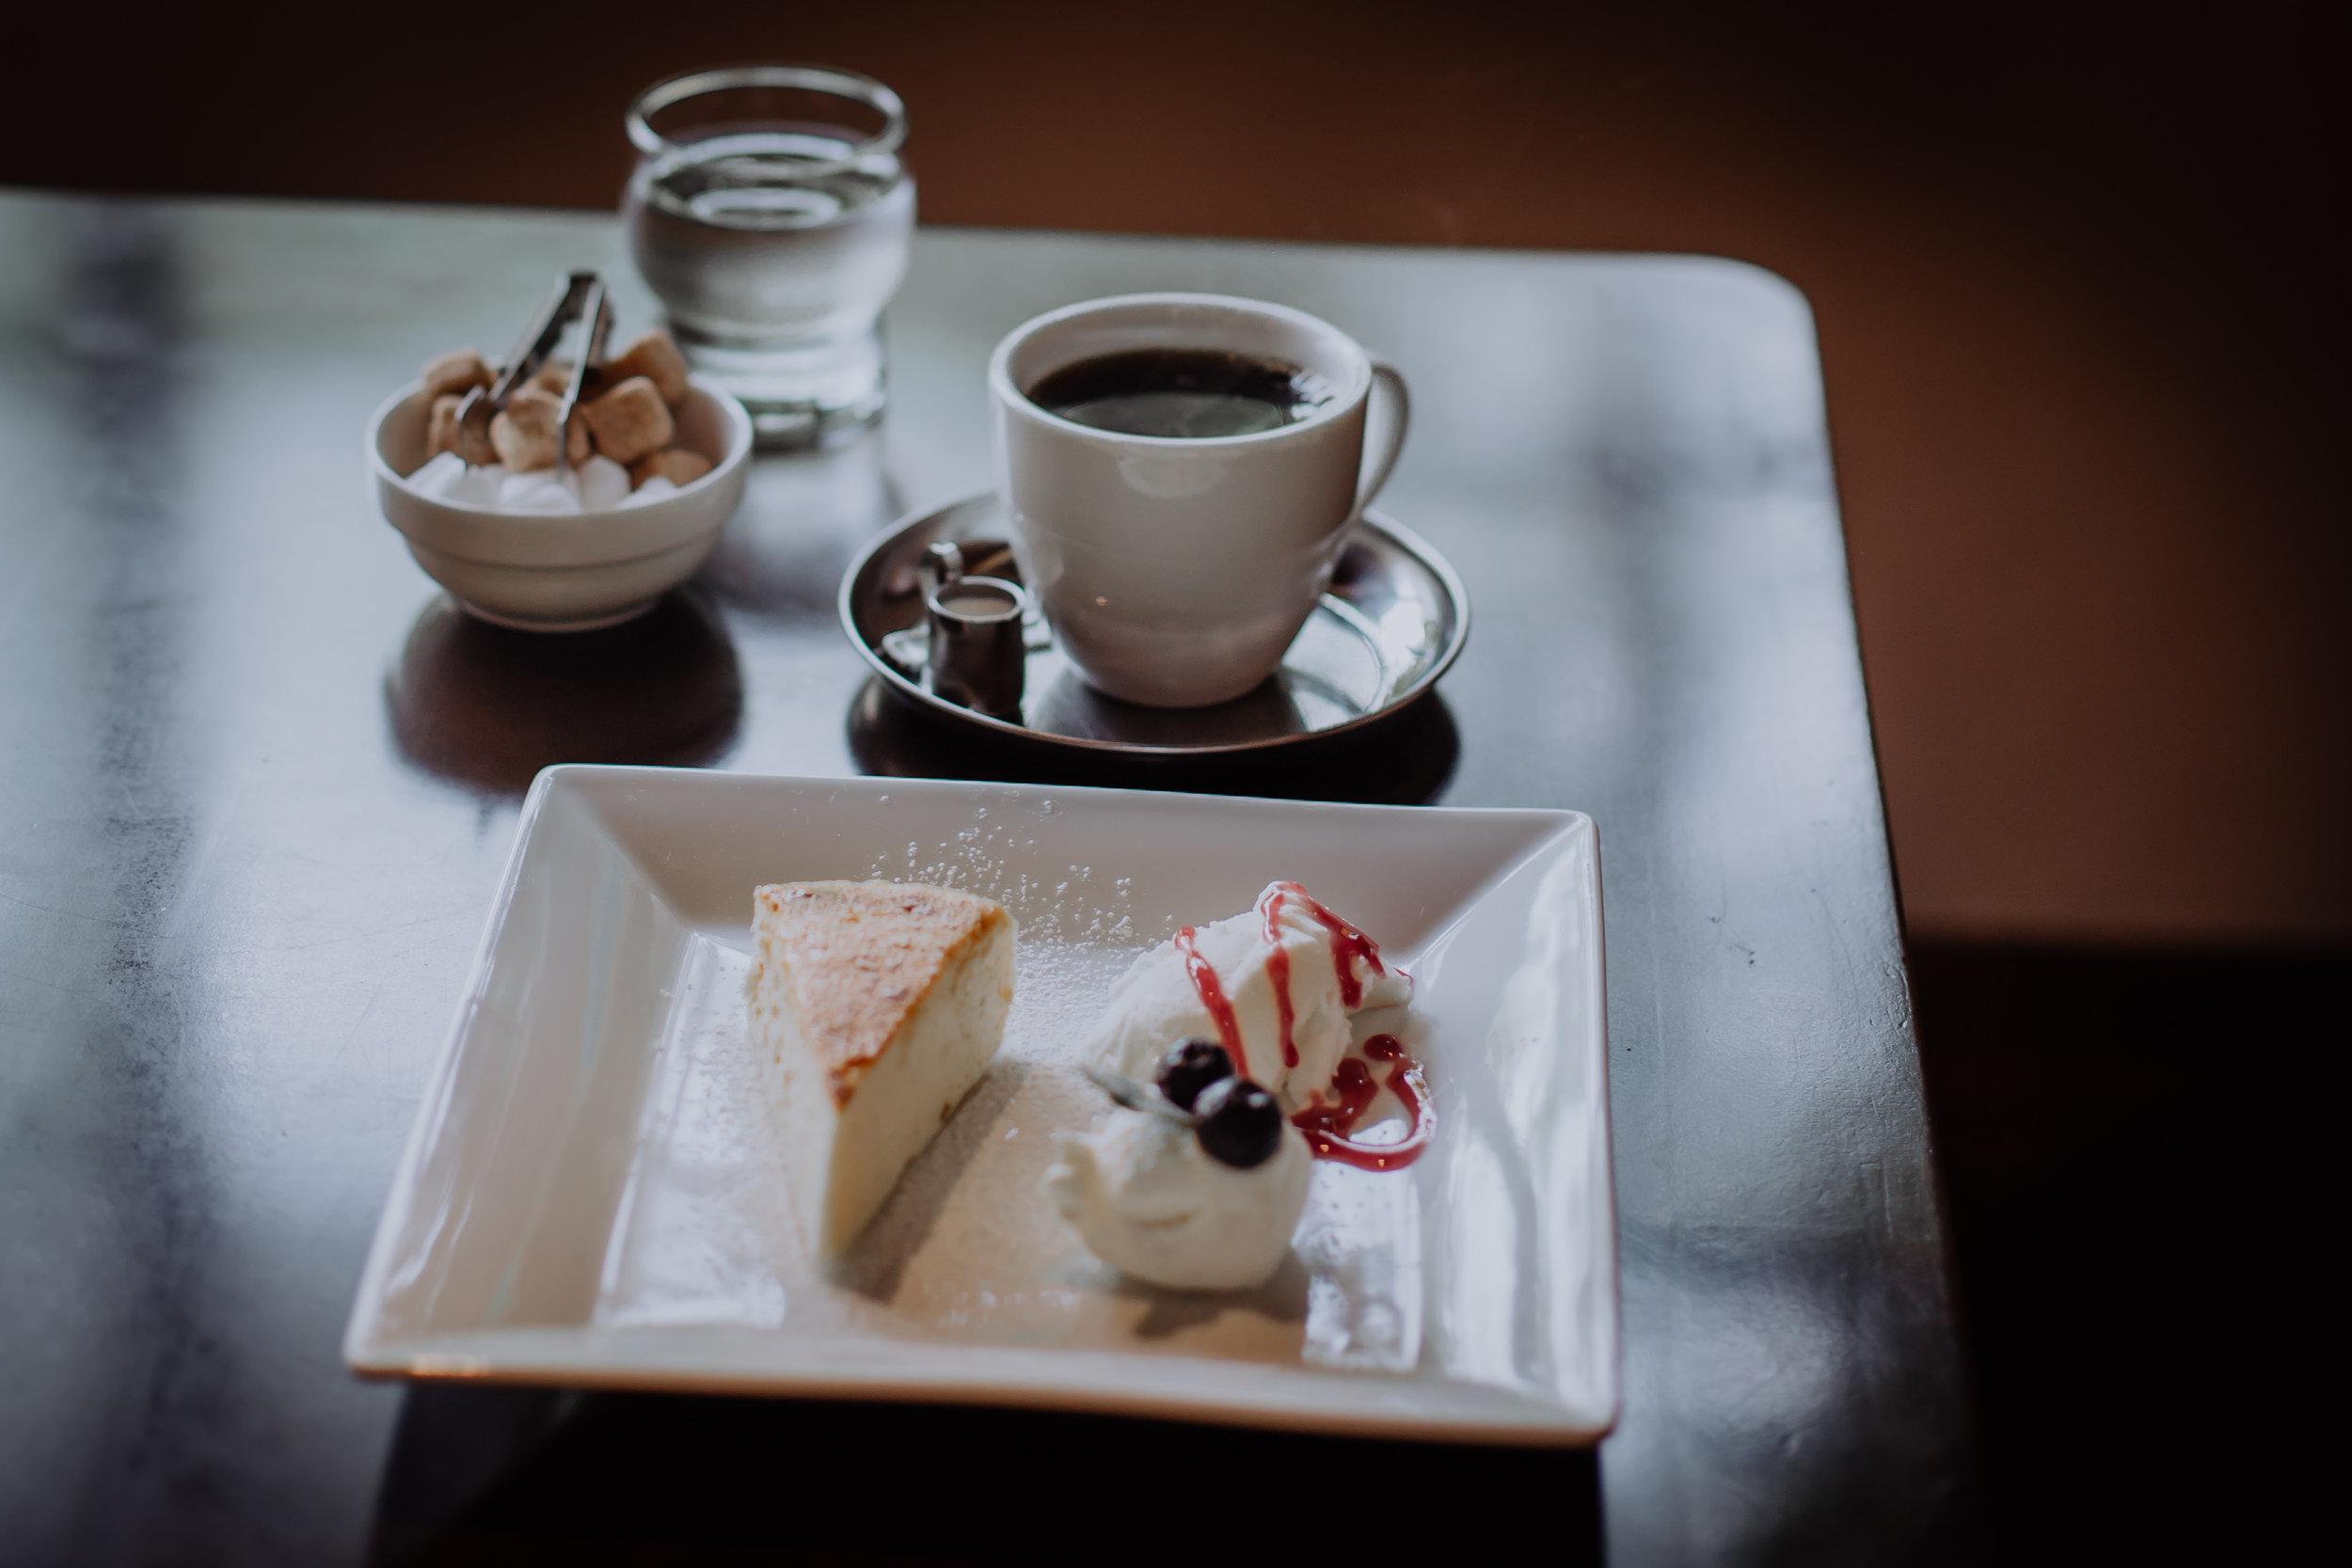 Nikko specialty coffee shop